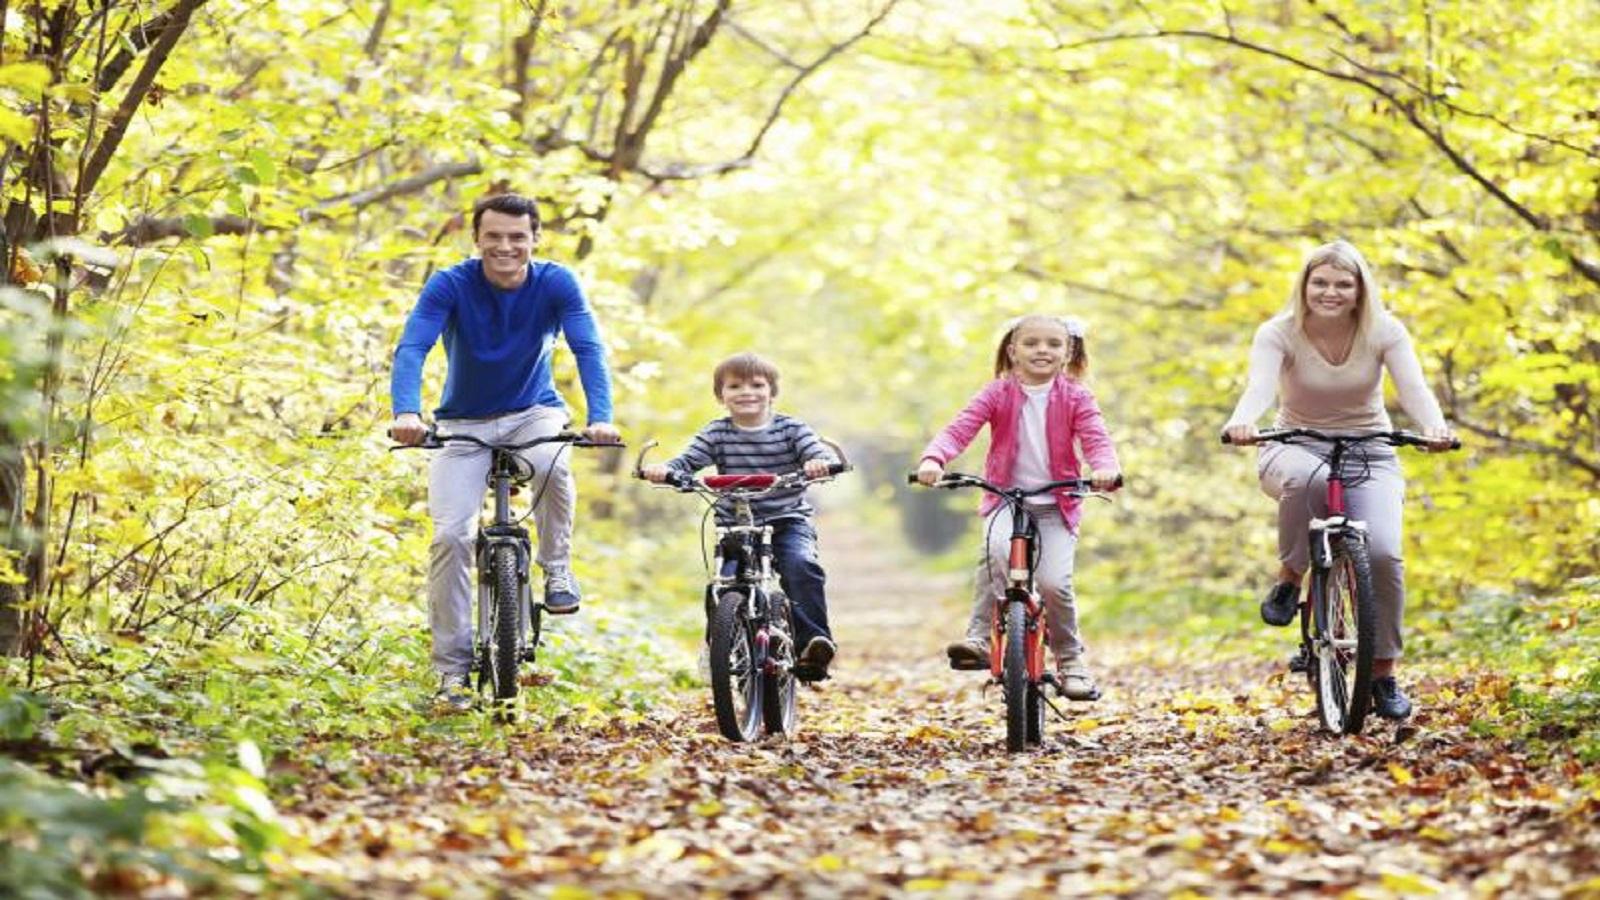 VIDEO: ¿Cuales son los beneficios de hacer ciclismo?